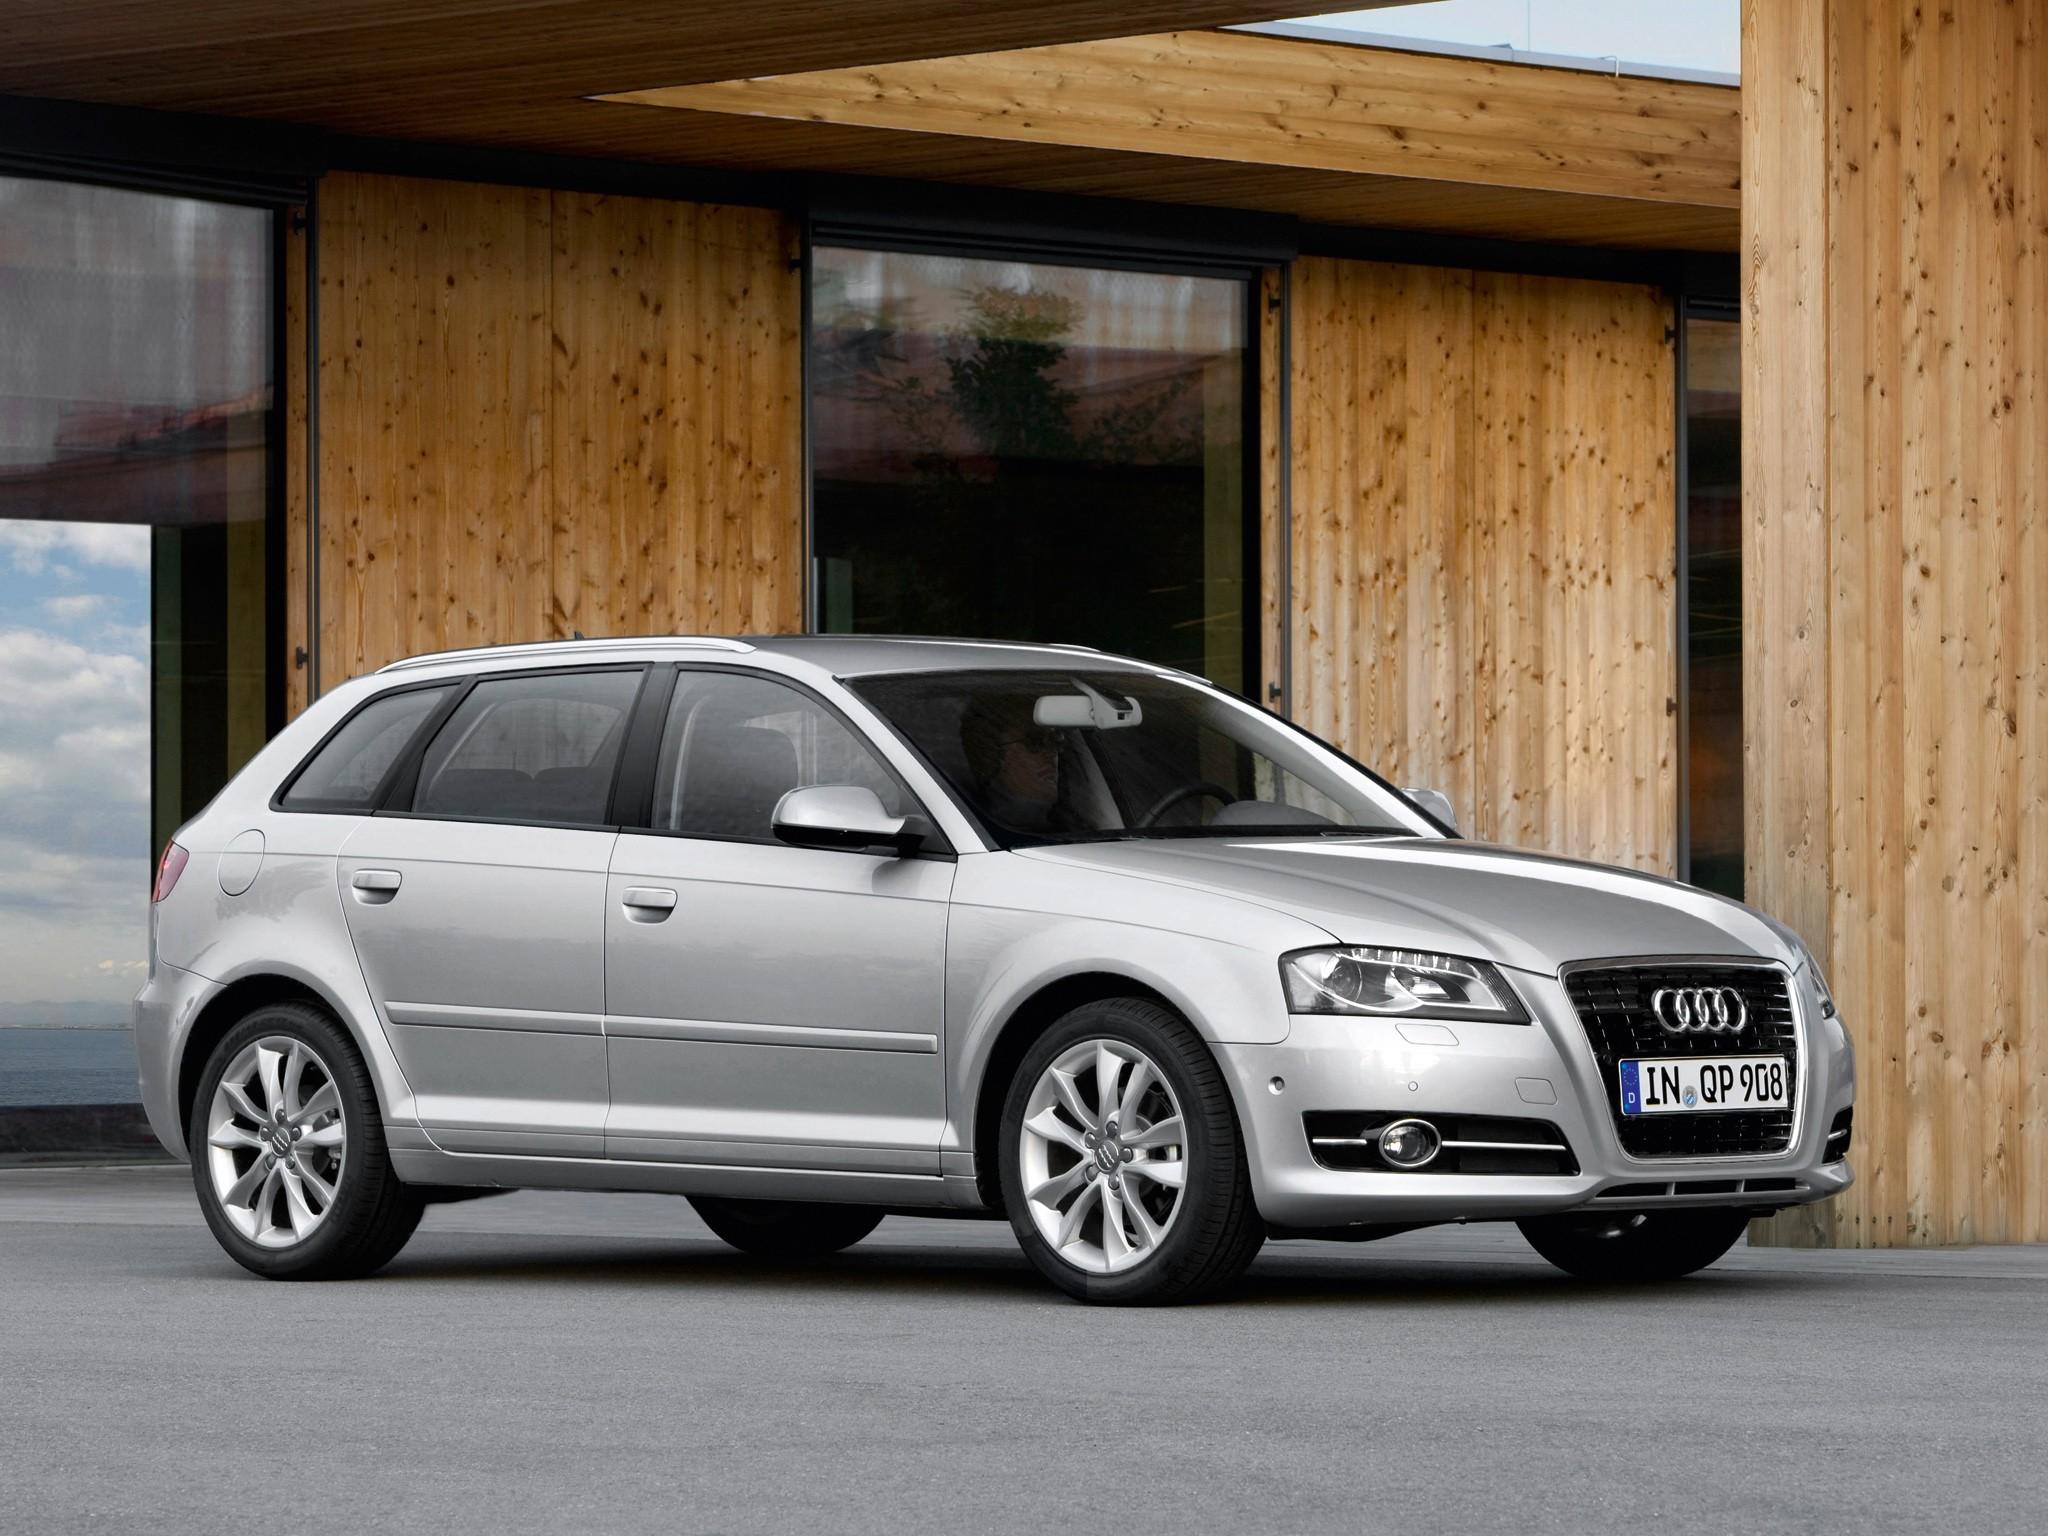 Audi A3 Sportback Specs Amp Photos 2008 2009 2010 2011